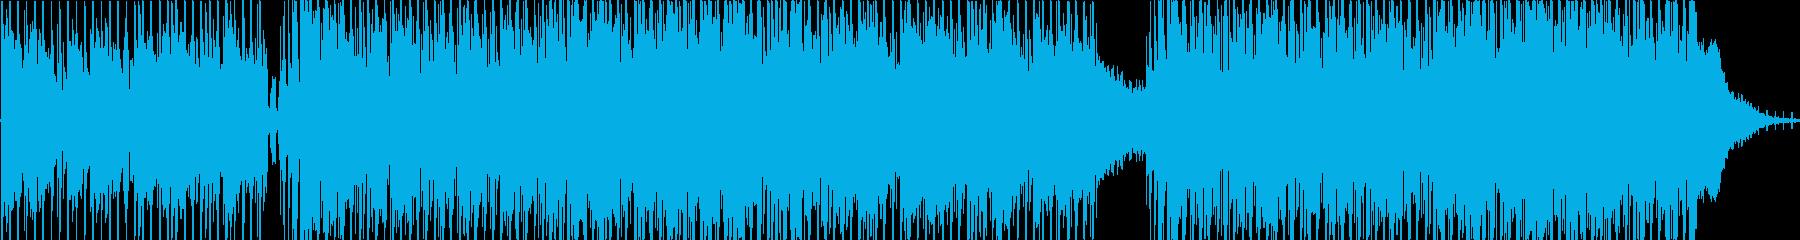 ポップ テクノ R&B ゆっくり ...の再生済みの波形